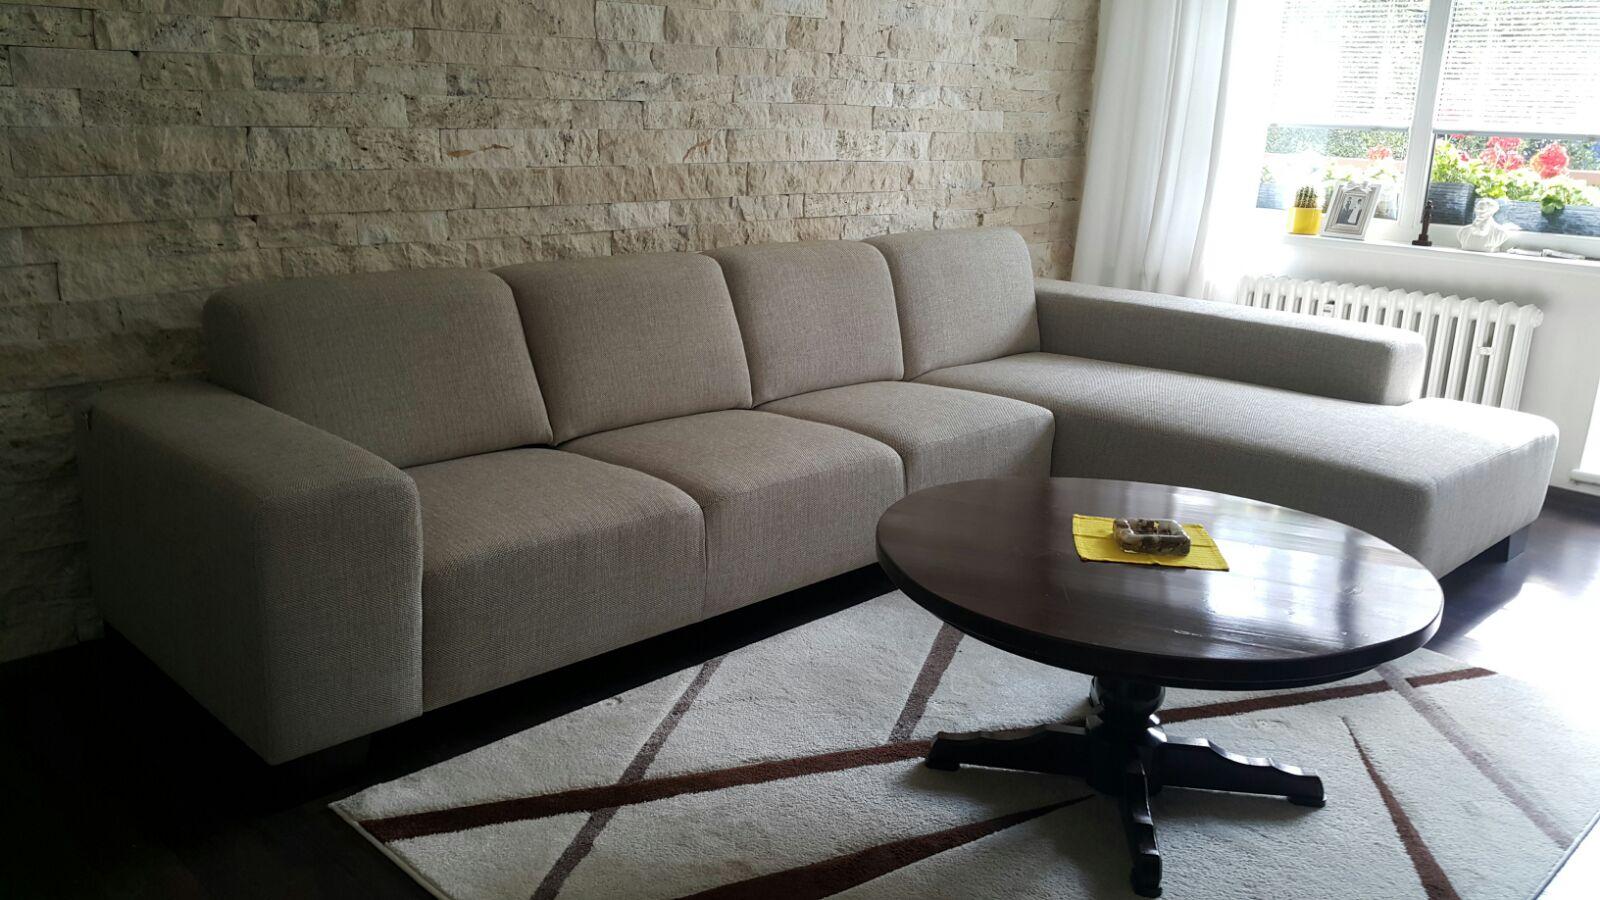 Stále dobre vyzerajúca sedacia súprava. Tomi Otoman v poťahu Kentash, španielská tkaná látka s 5 ročnou zarukou. Rozmer: 345x195cm.